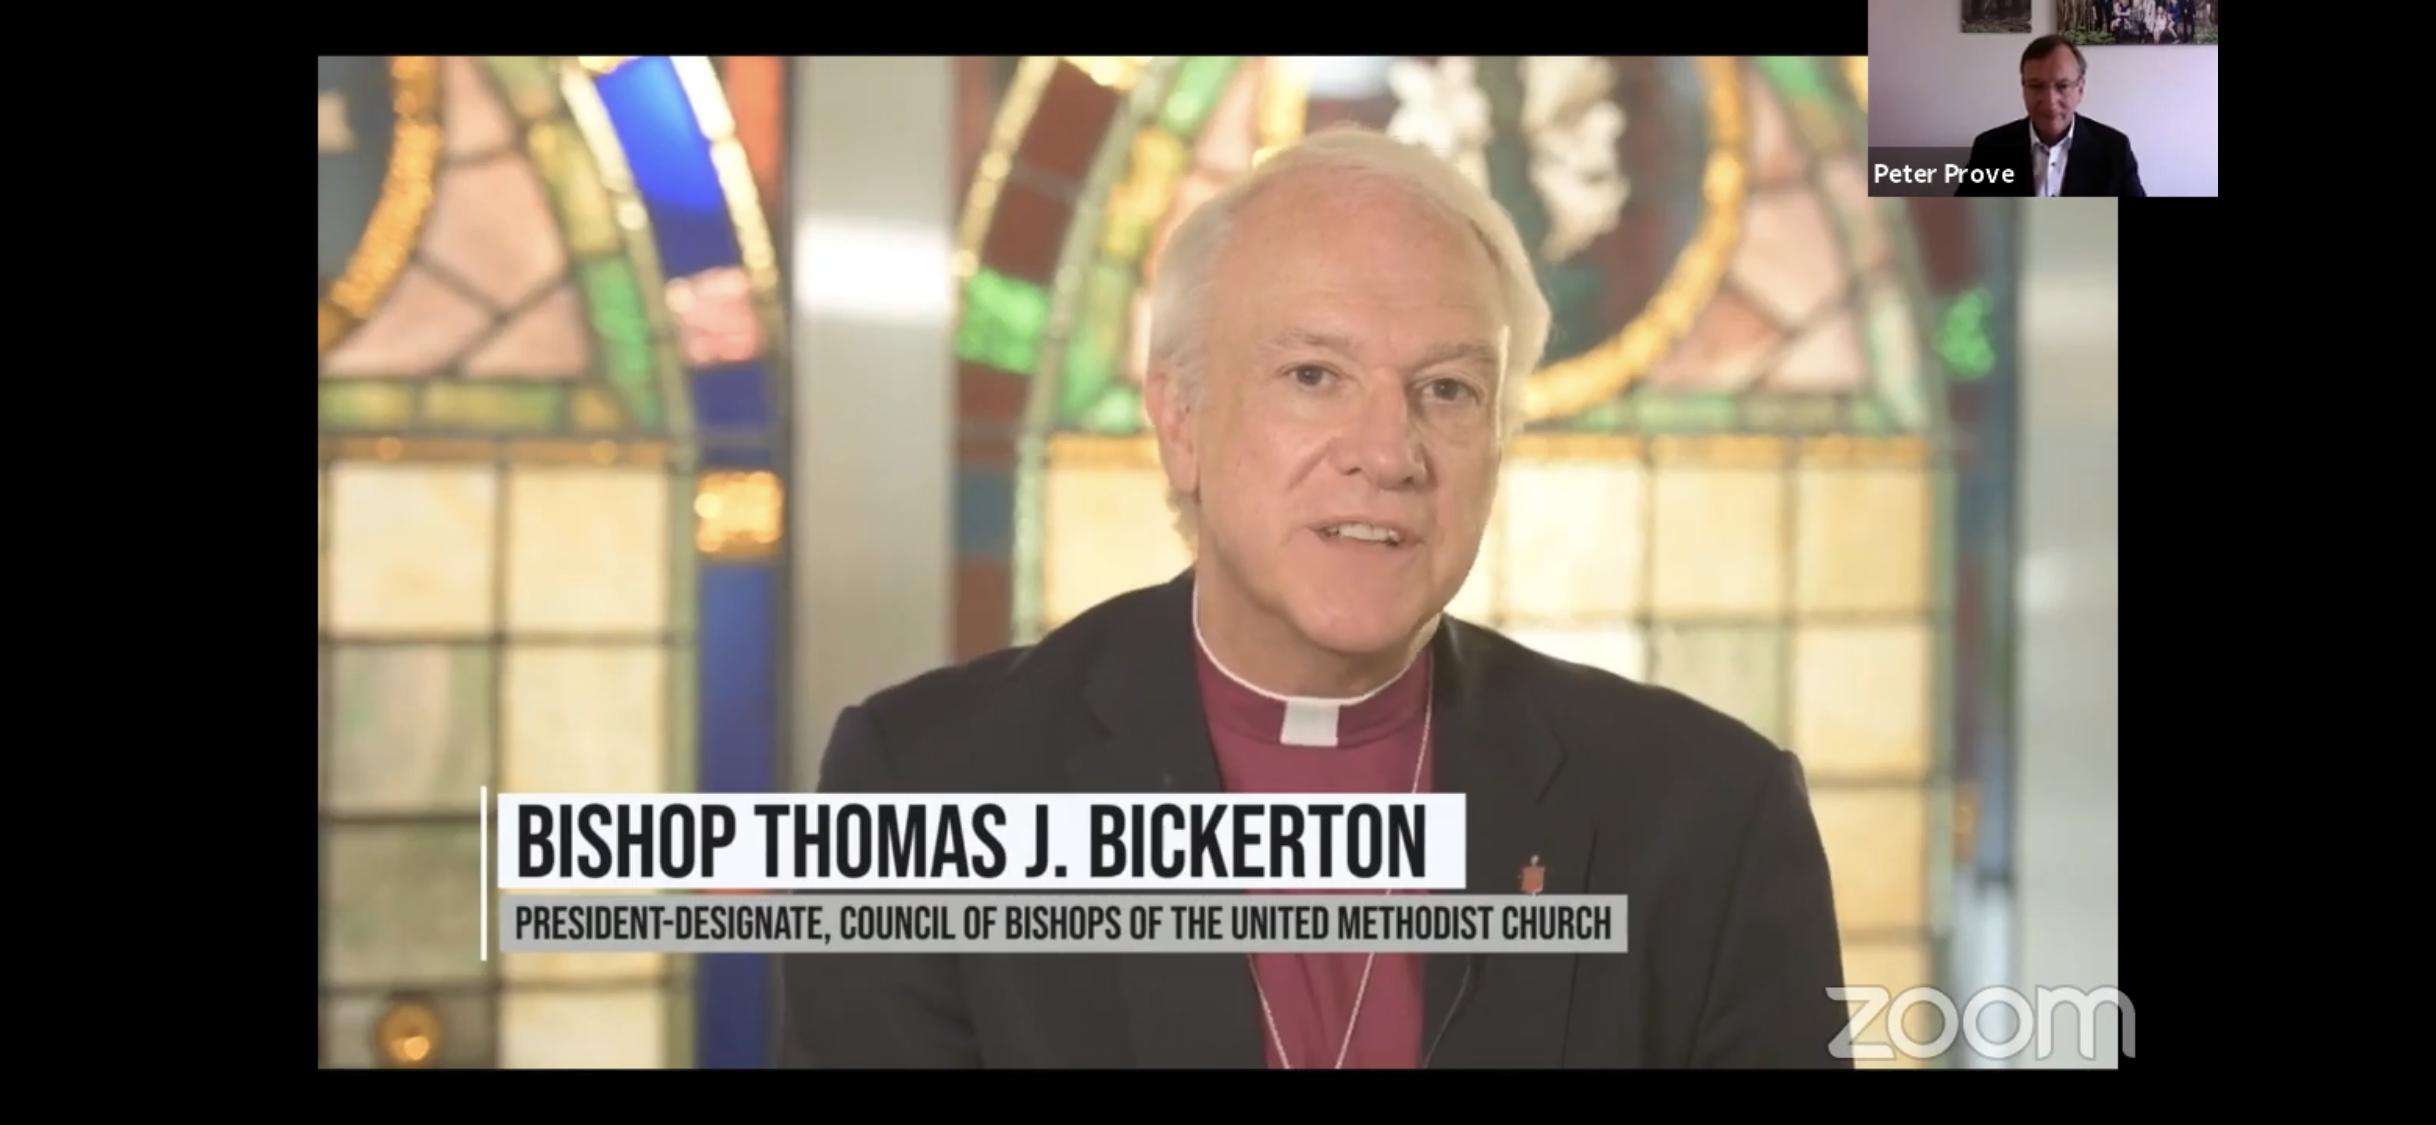 토마스 비커튼 감독이 6월 22일 세계교회협의회가 한국전쟁 70주년을 맞이하여 준비한 세계교회공동평화선언문 행사에서 기도에 앞서 메시지를 전하고 있다. 유튜브 화면 캡처.